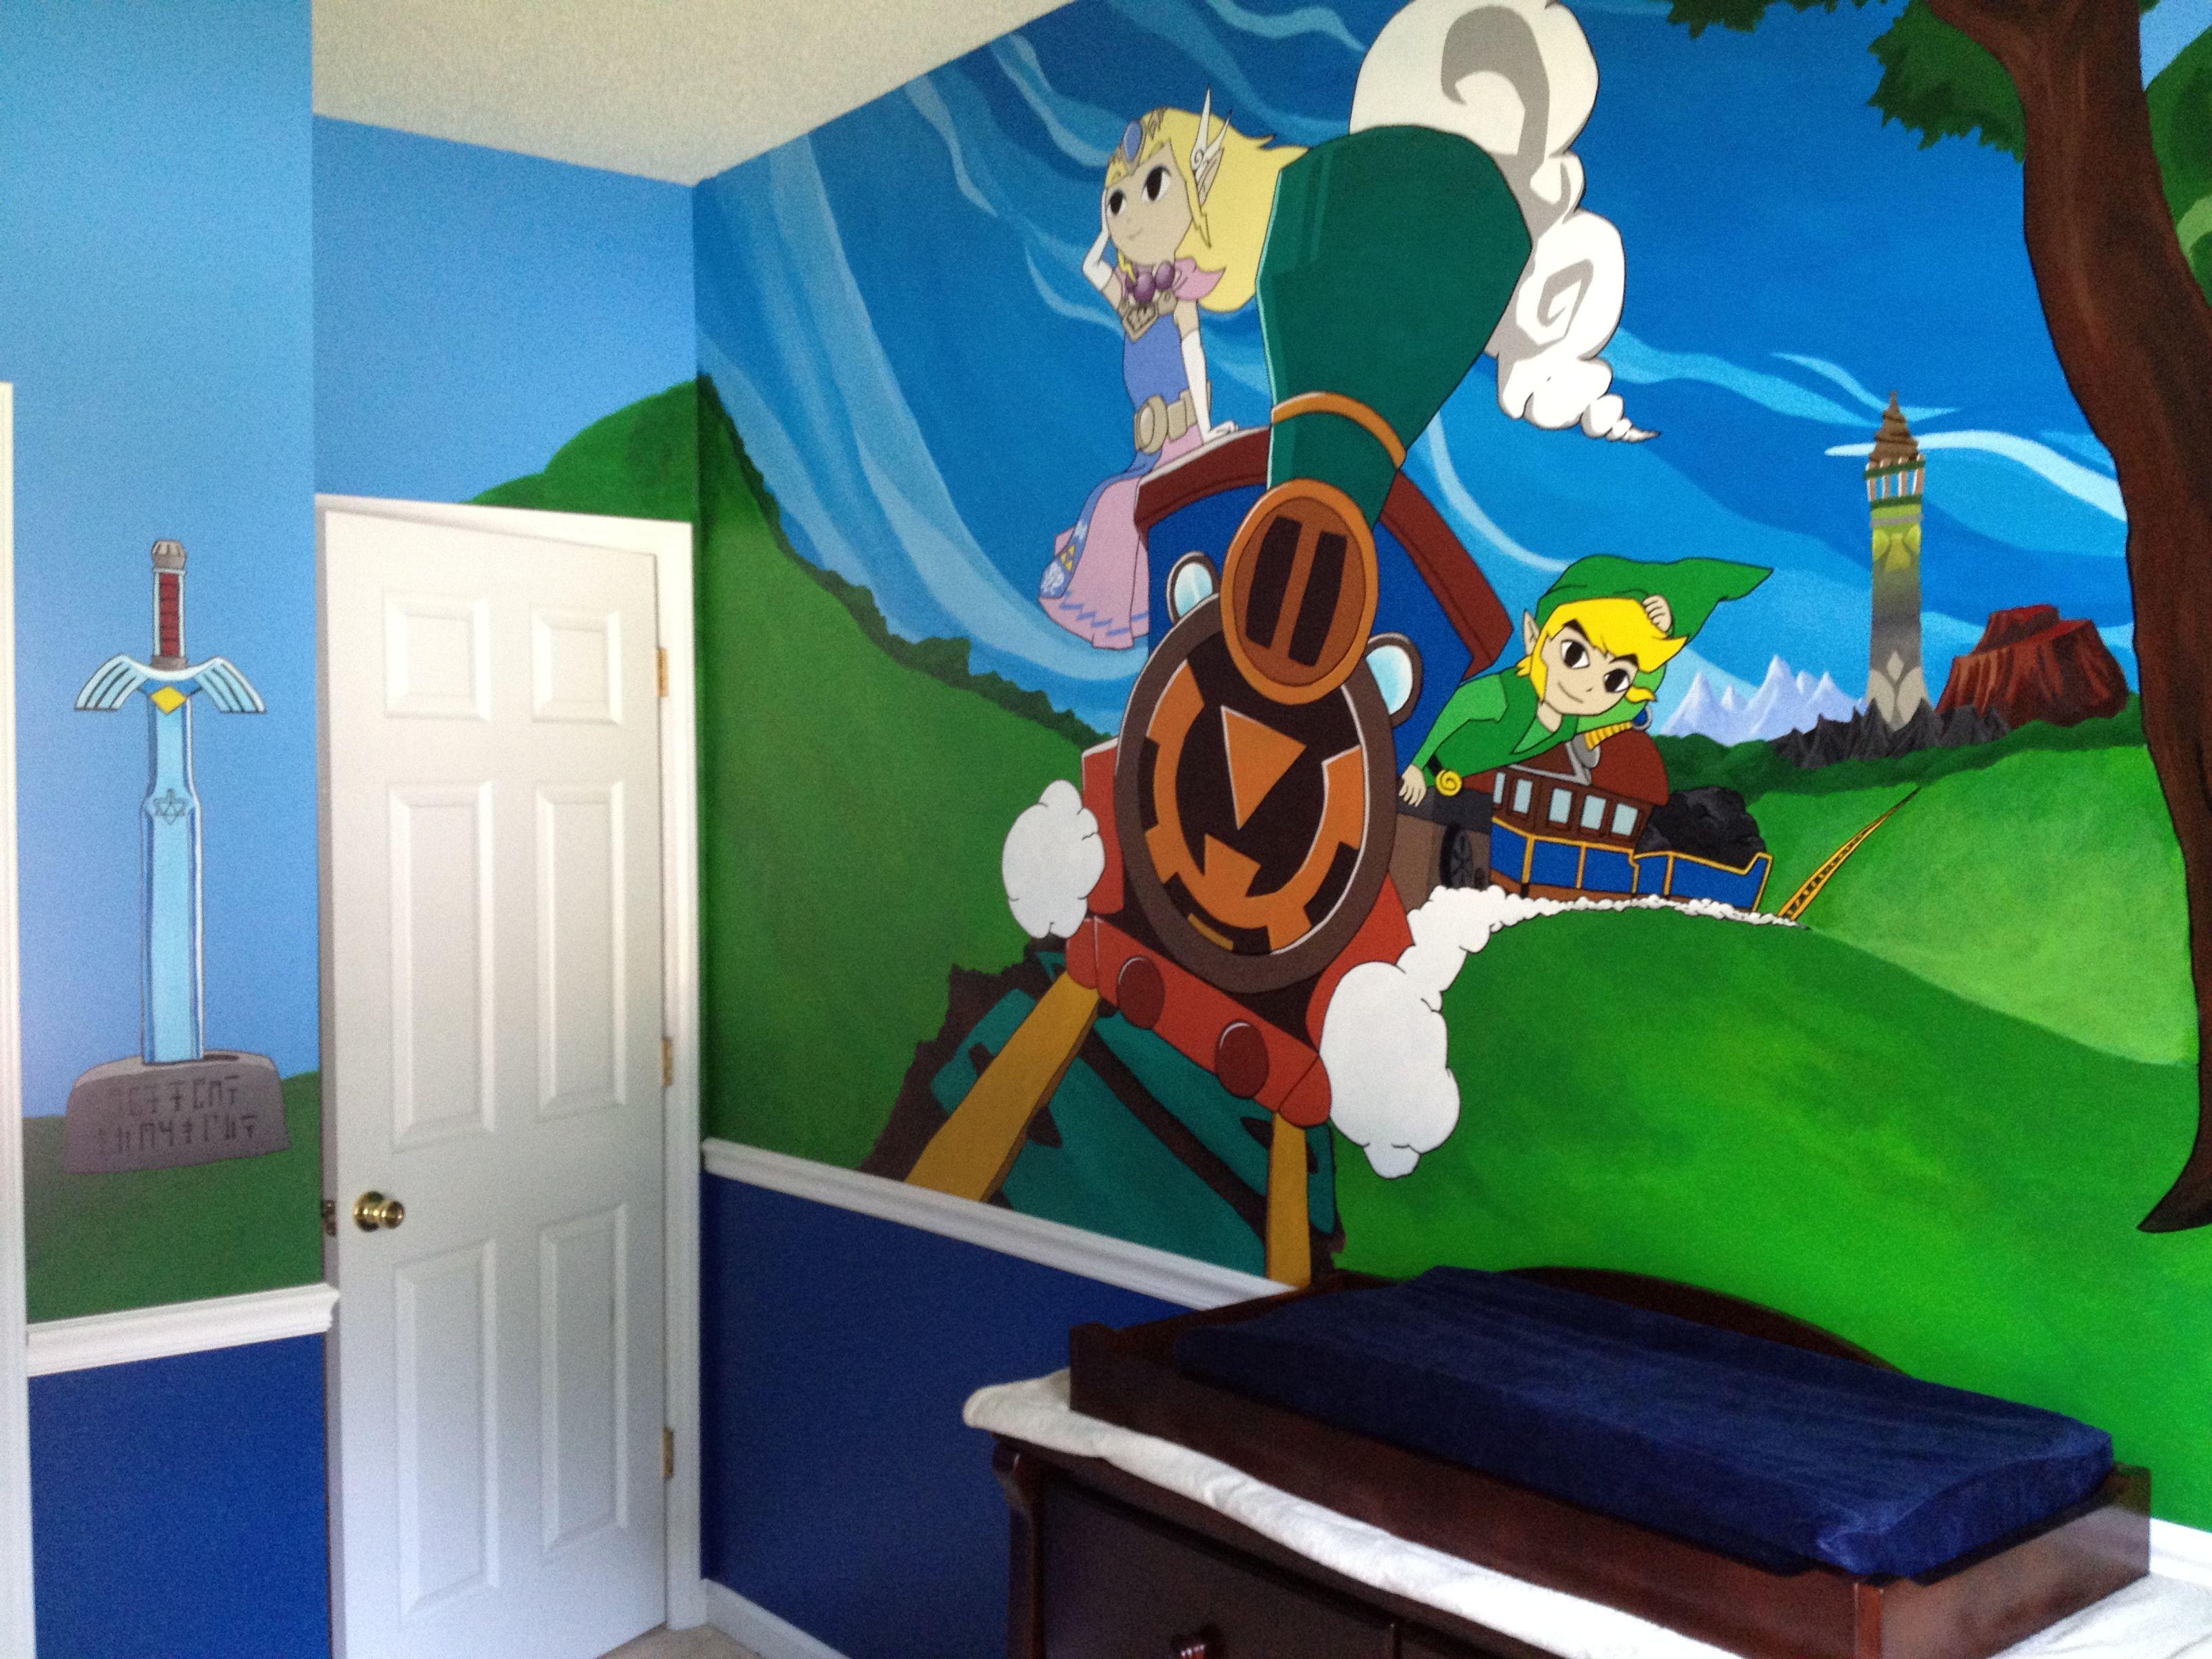 Legend of Zelda bathroom wallpaper Pretty cool I should say